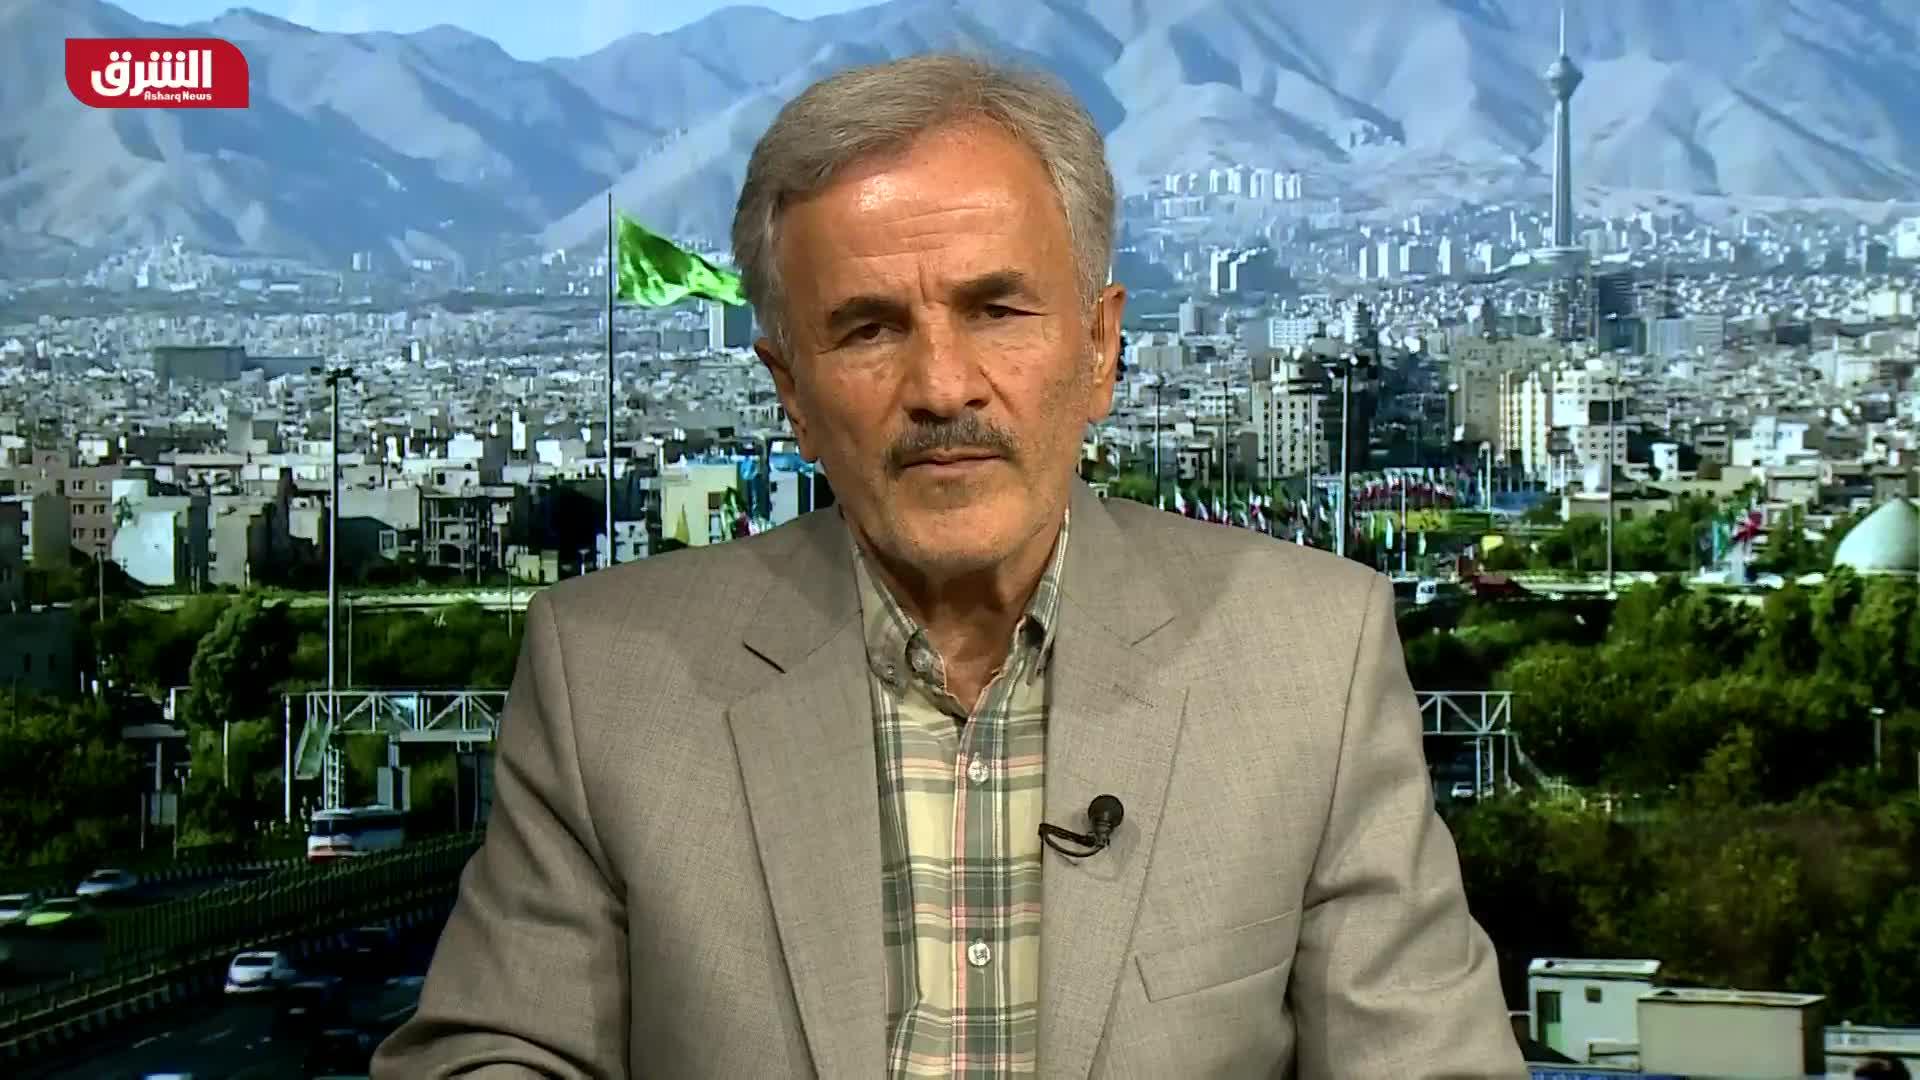 ما الأهمية الاستراتيجية للانتخابات الرئاسية الإيرانية؟